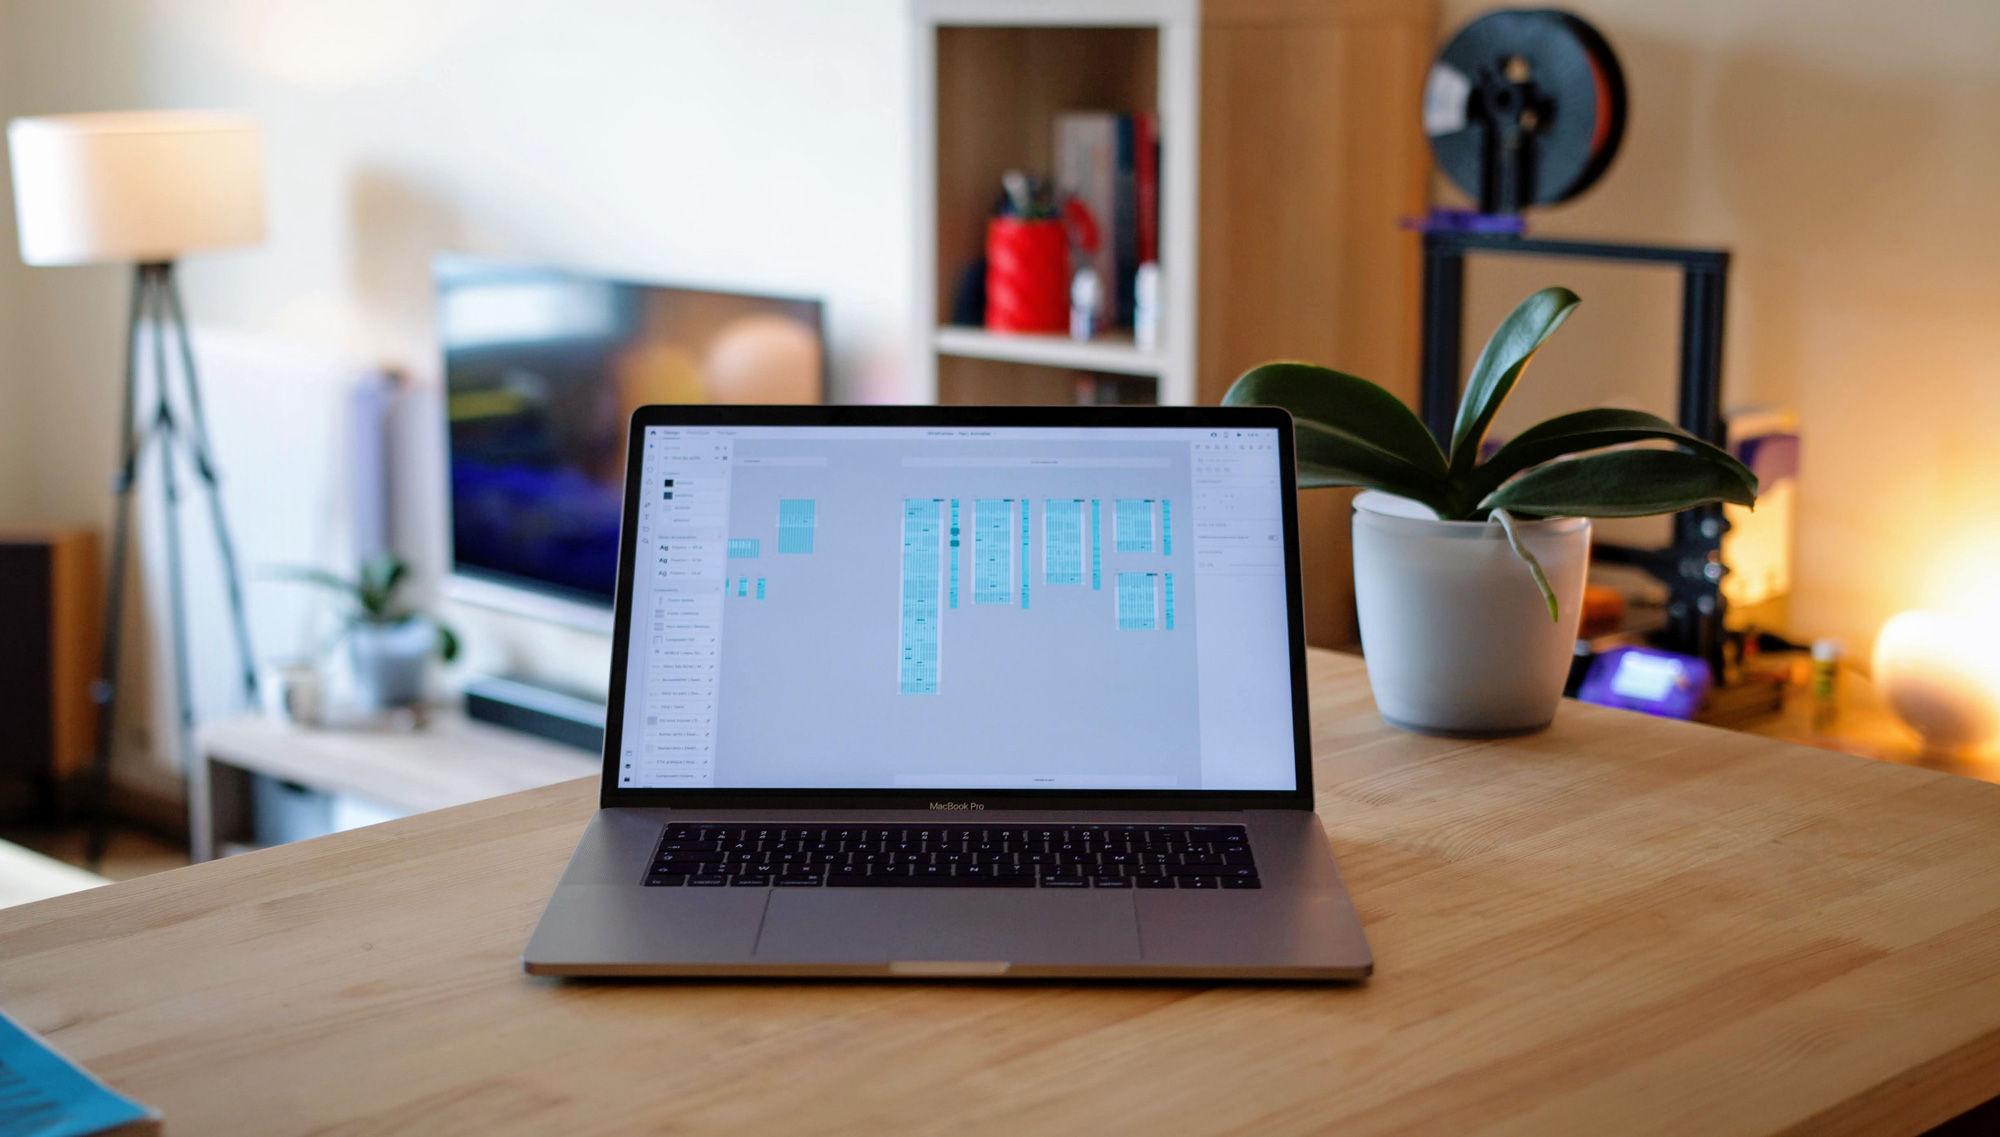 Adobe XD를 활용한 인터렉티브 UI 개발